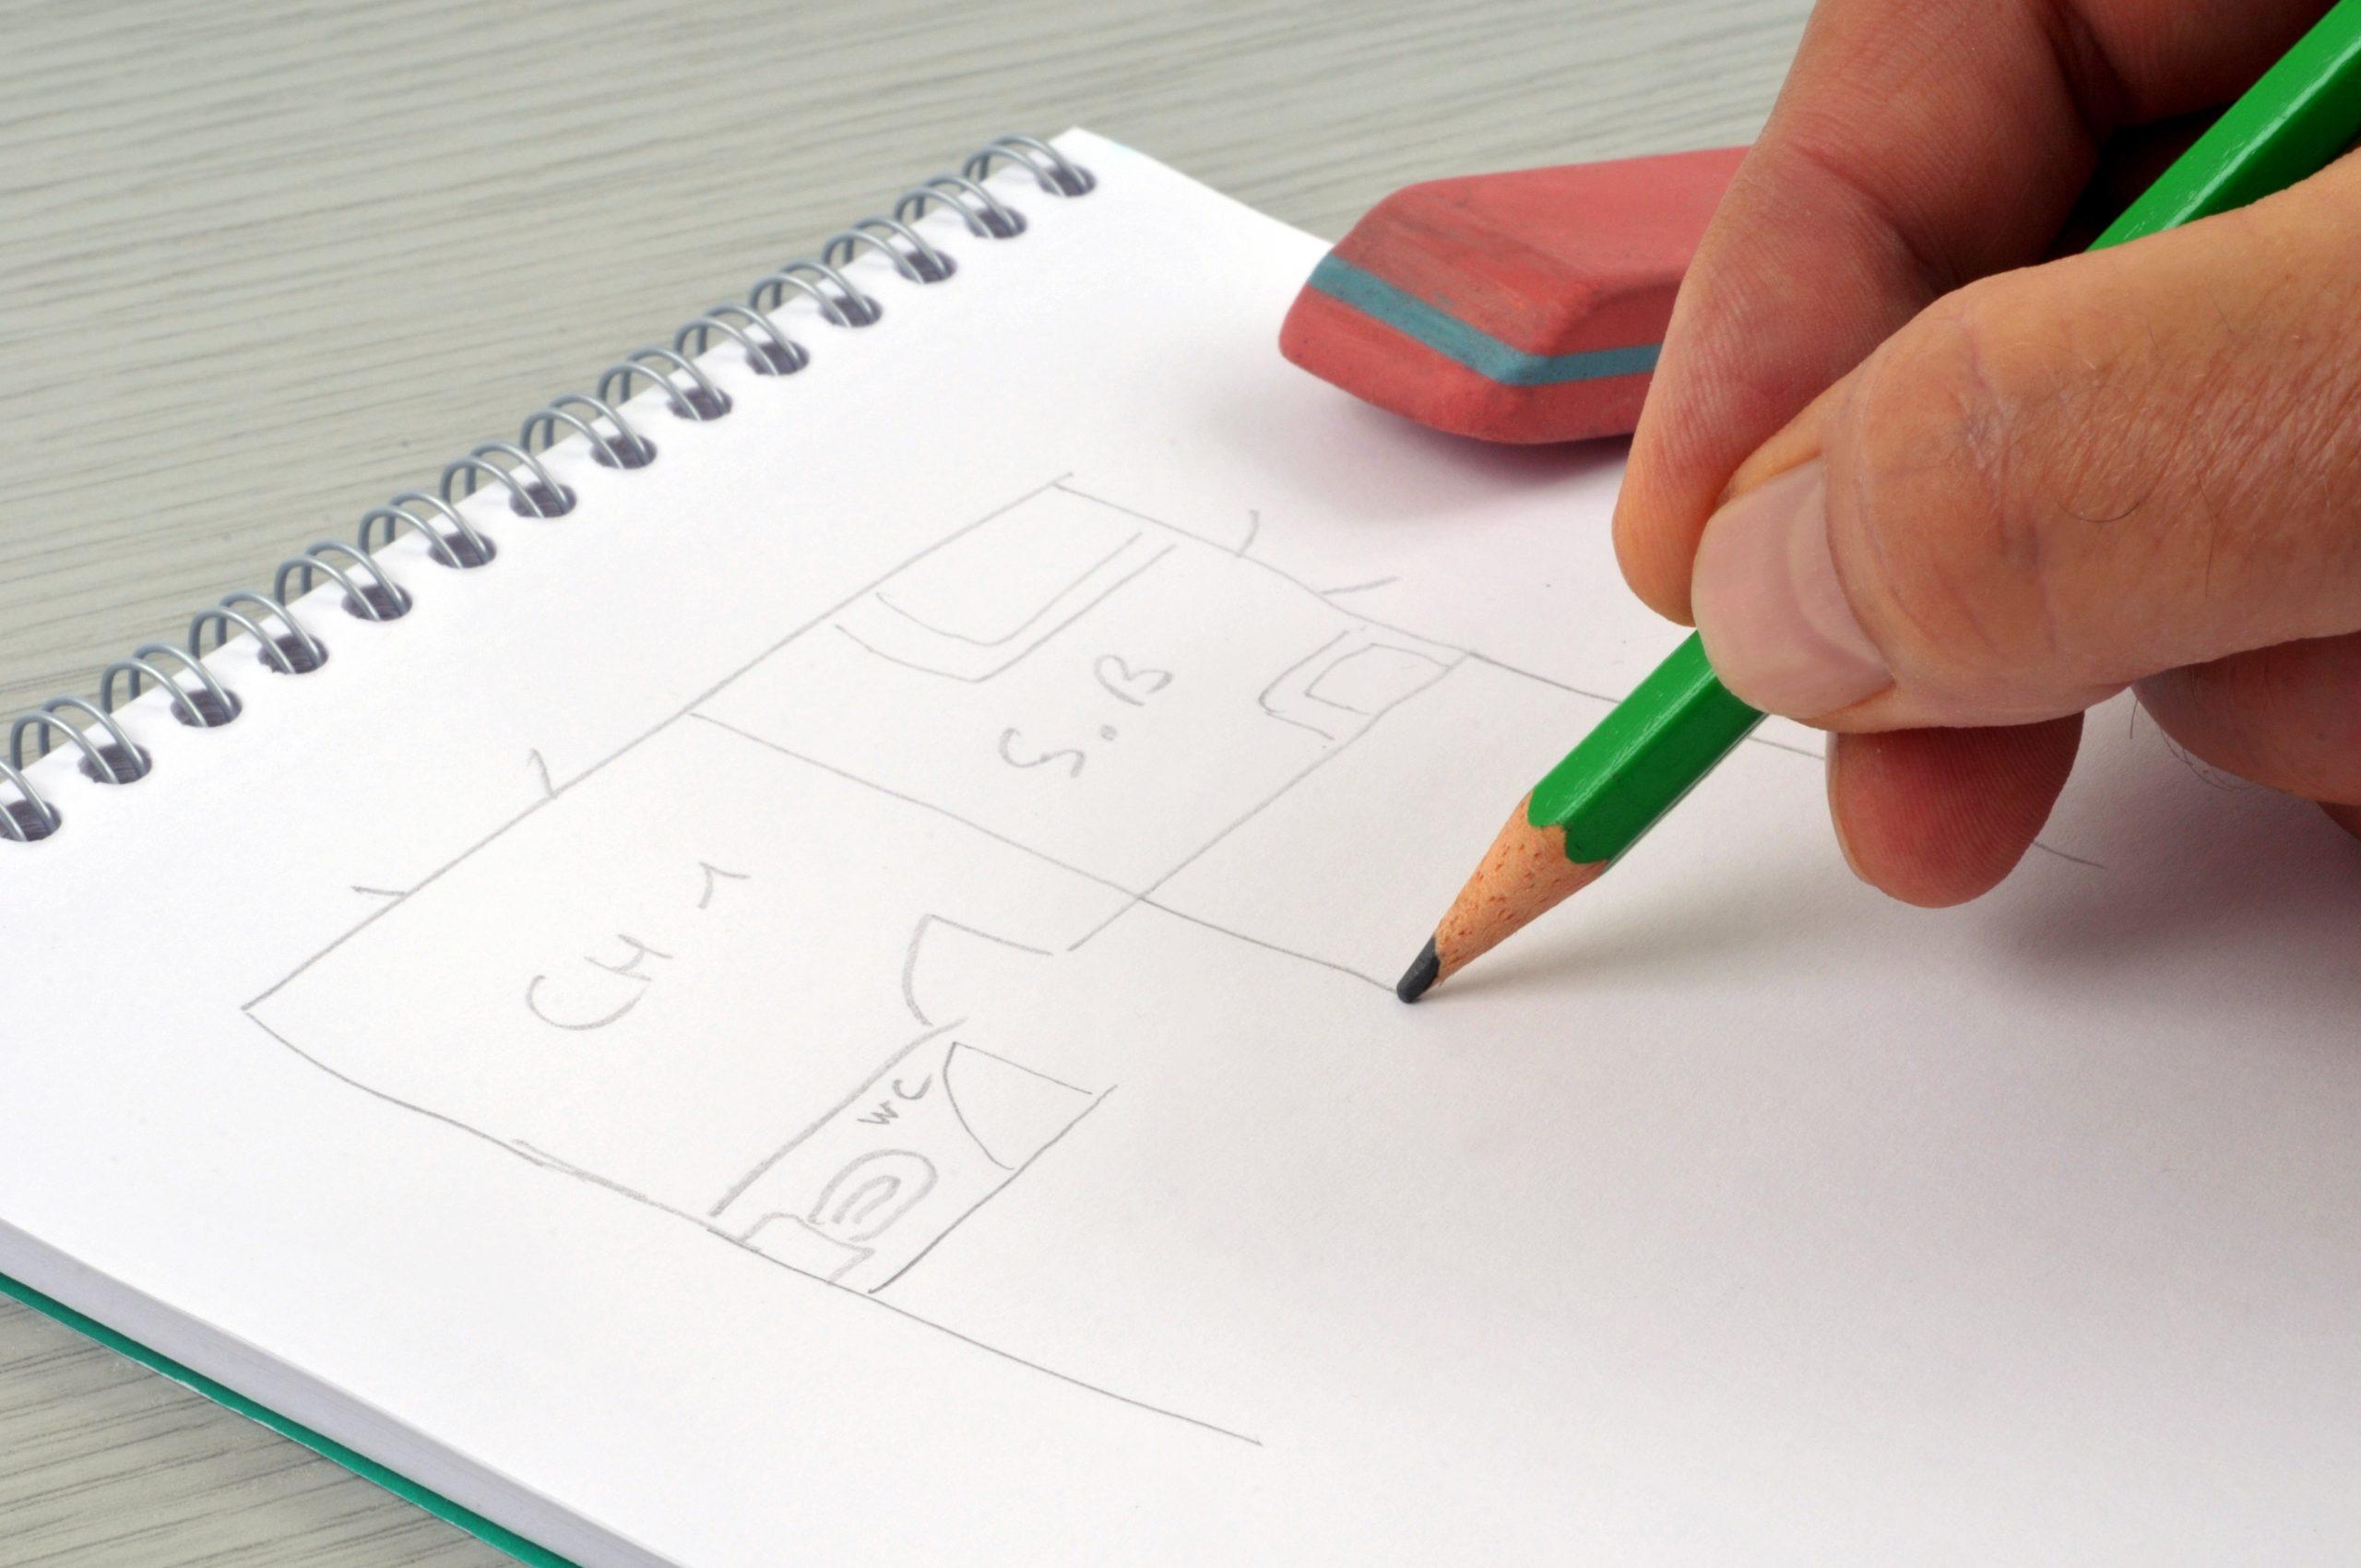 Tegner arealet til kontorlokalet.